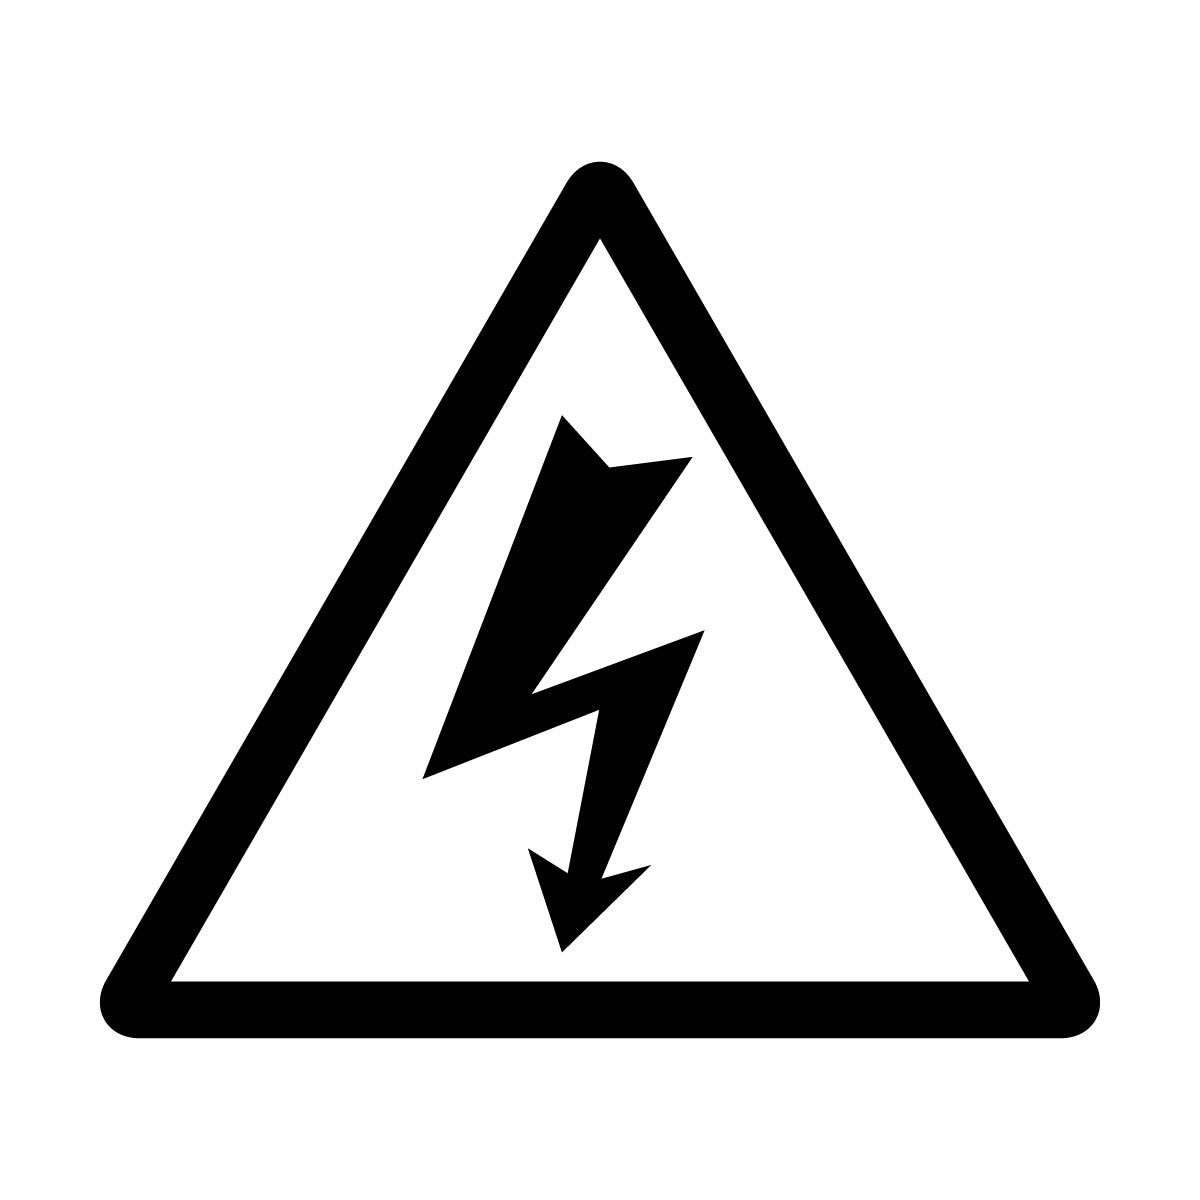 黒色の感電・高圧電気注意マークのカッティングステッカー・シール 光沢タイプ・防水・耐水・屋外耐候3~4年